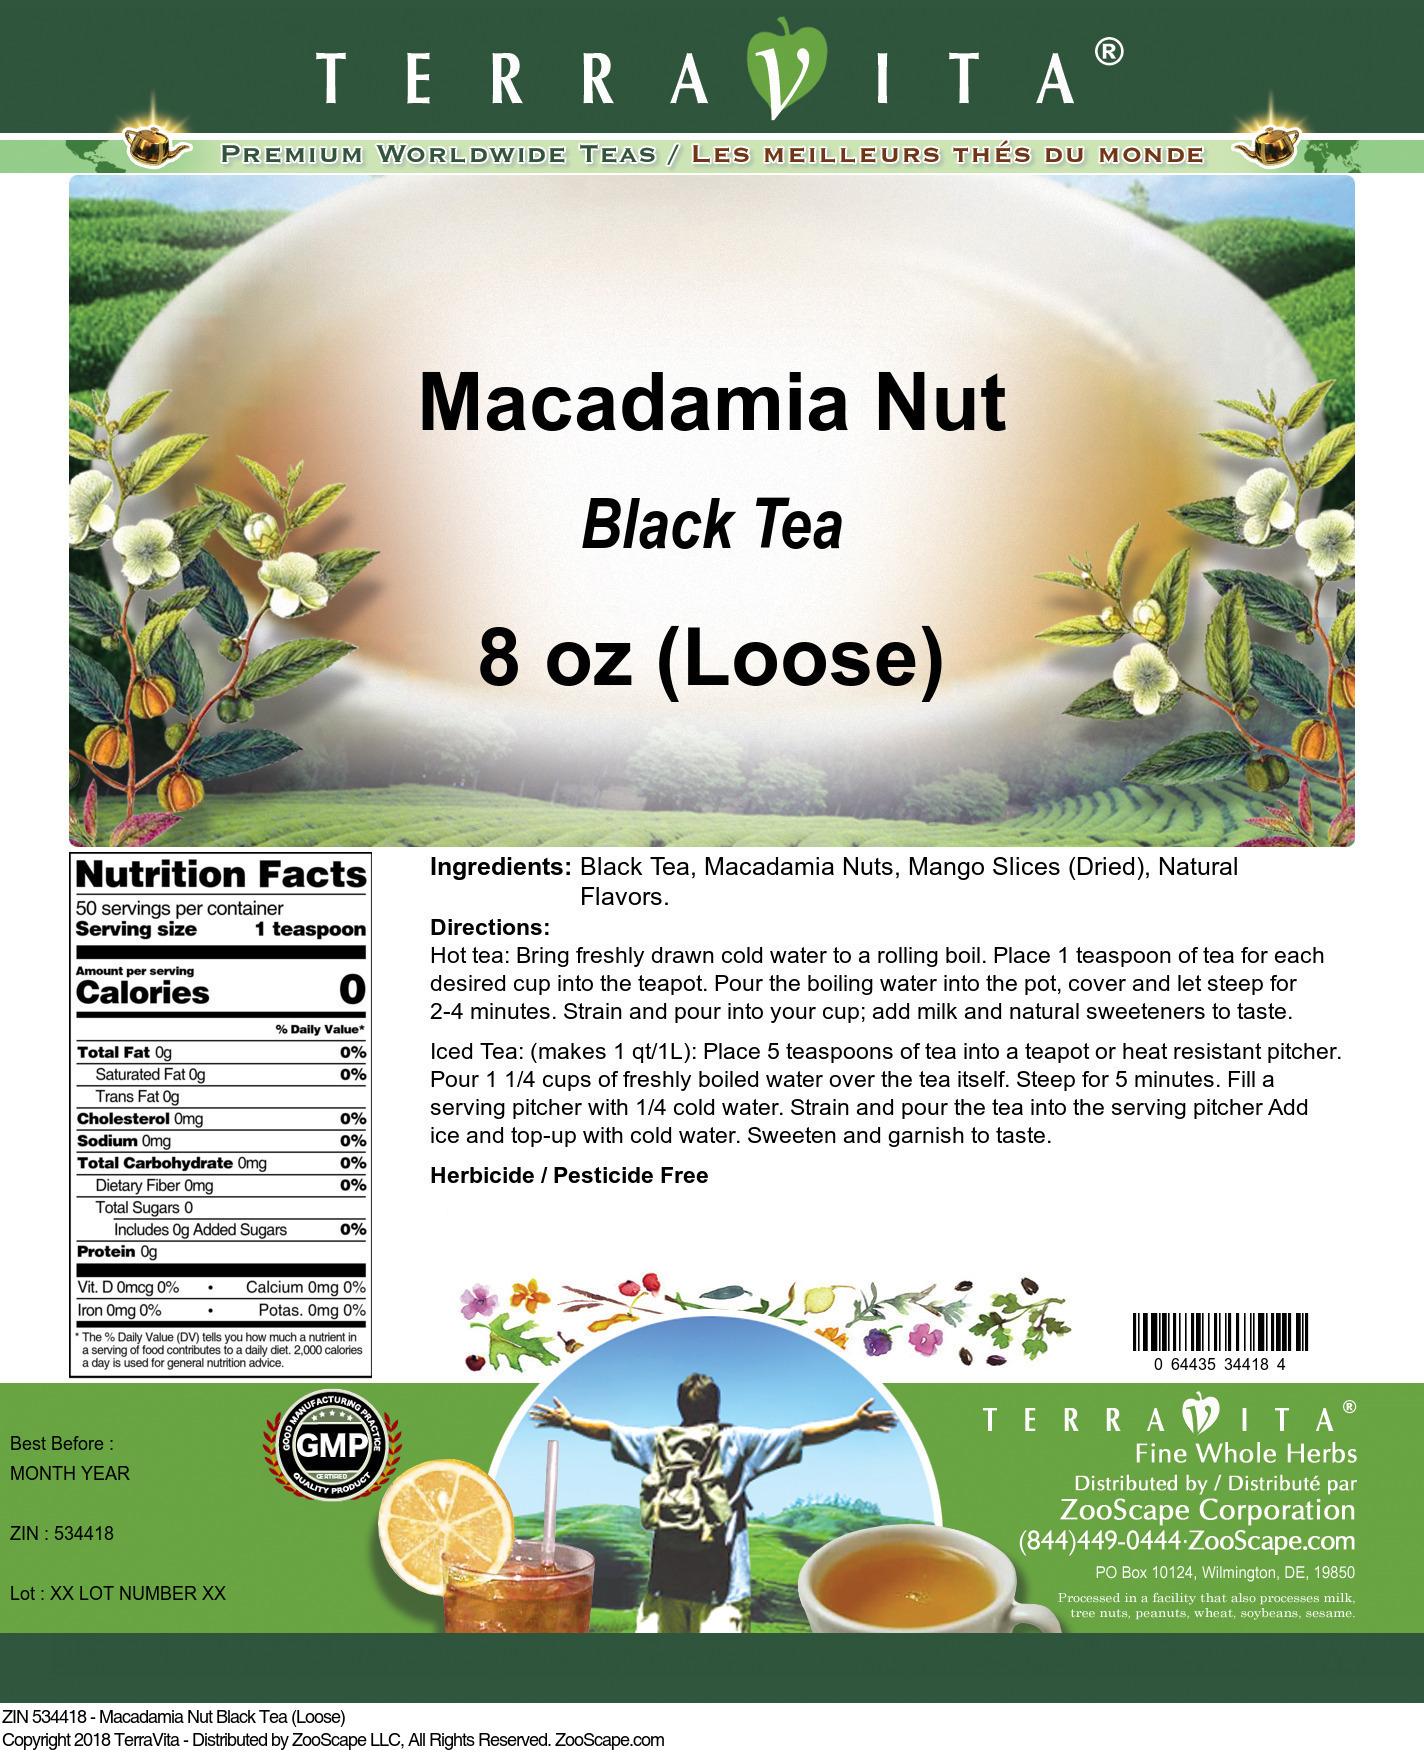 Macadamia Nut Black Tea (Loose)